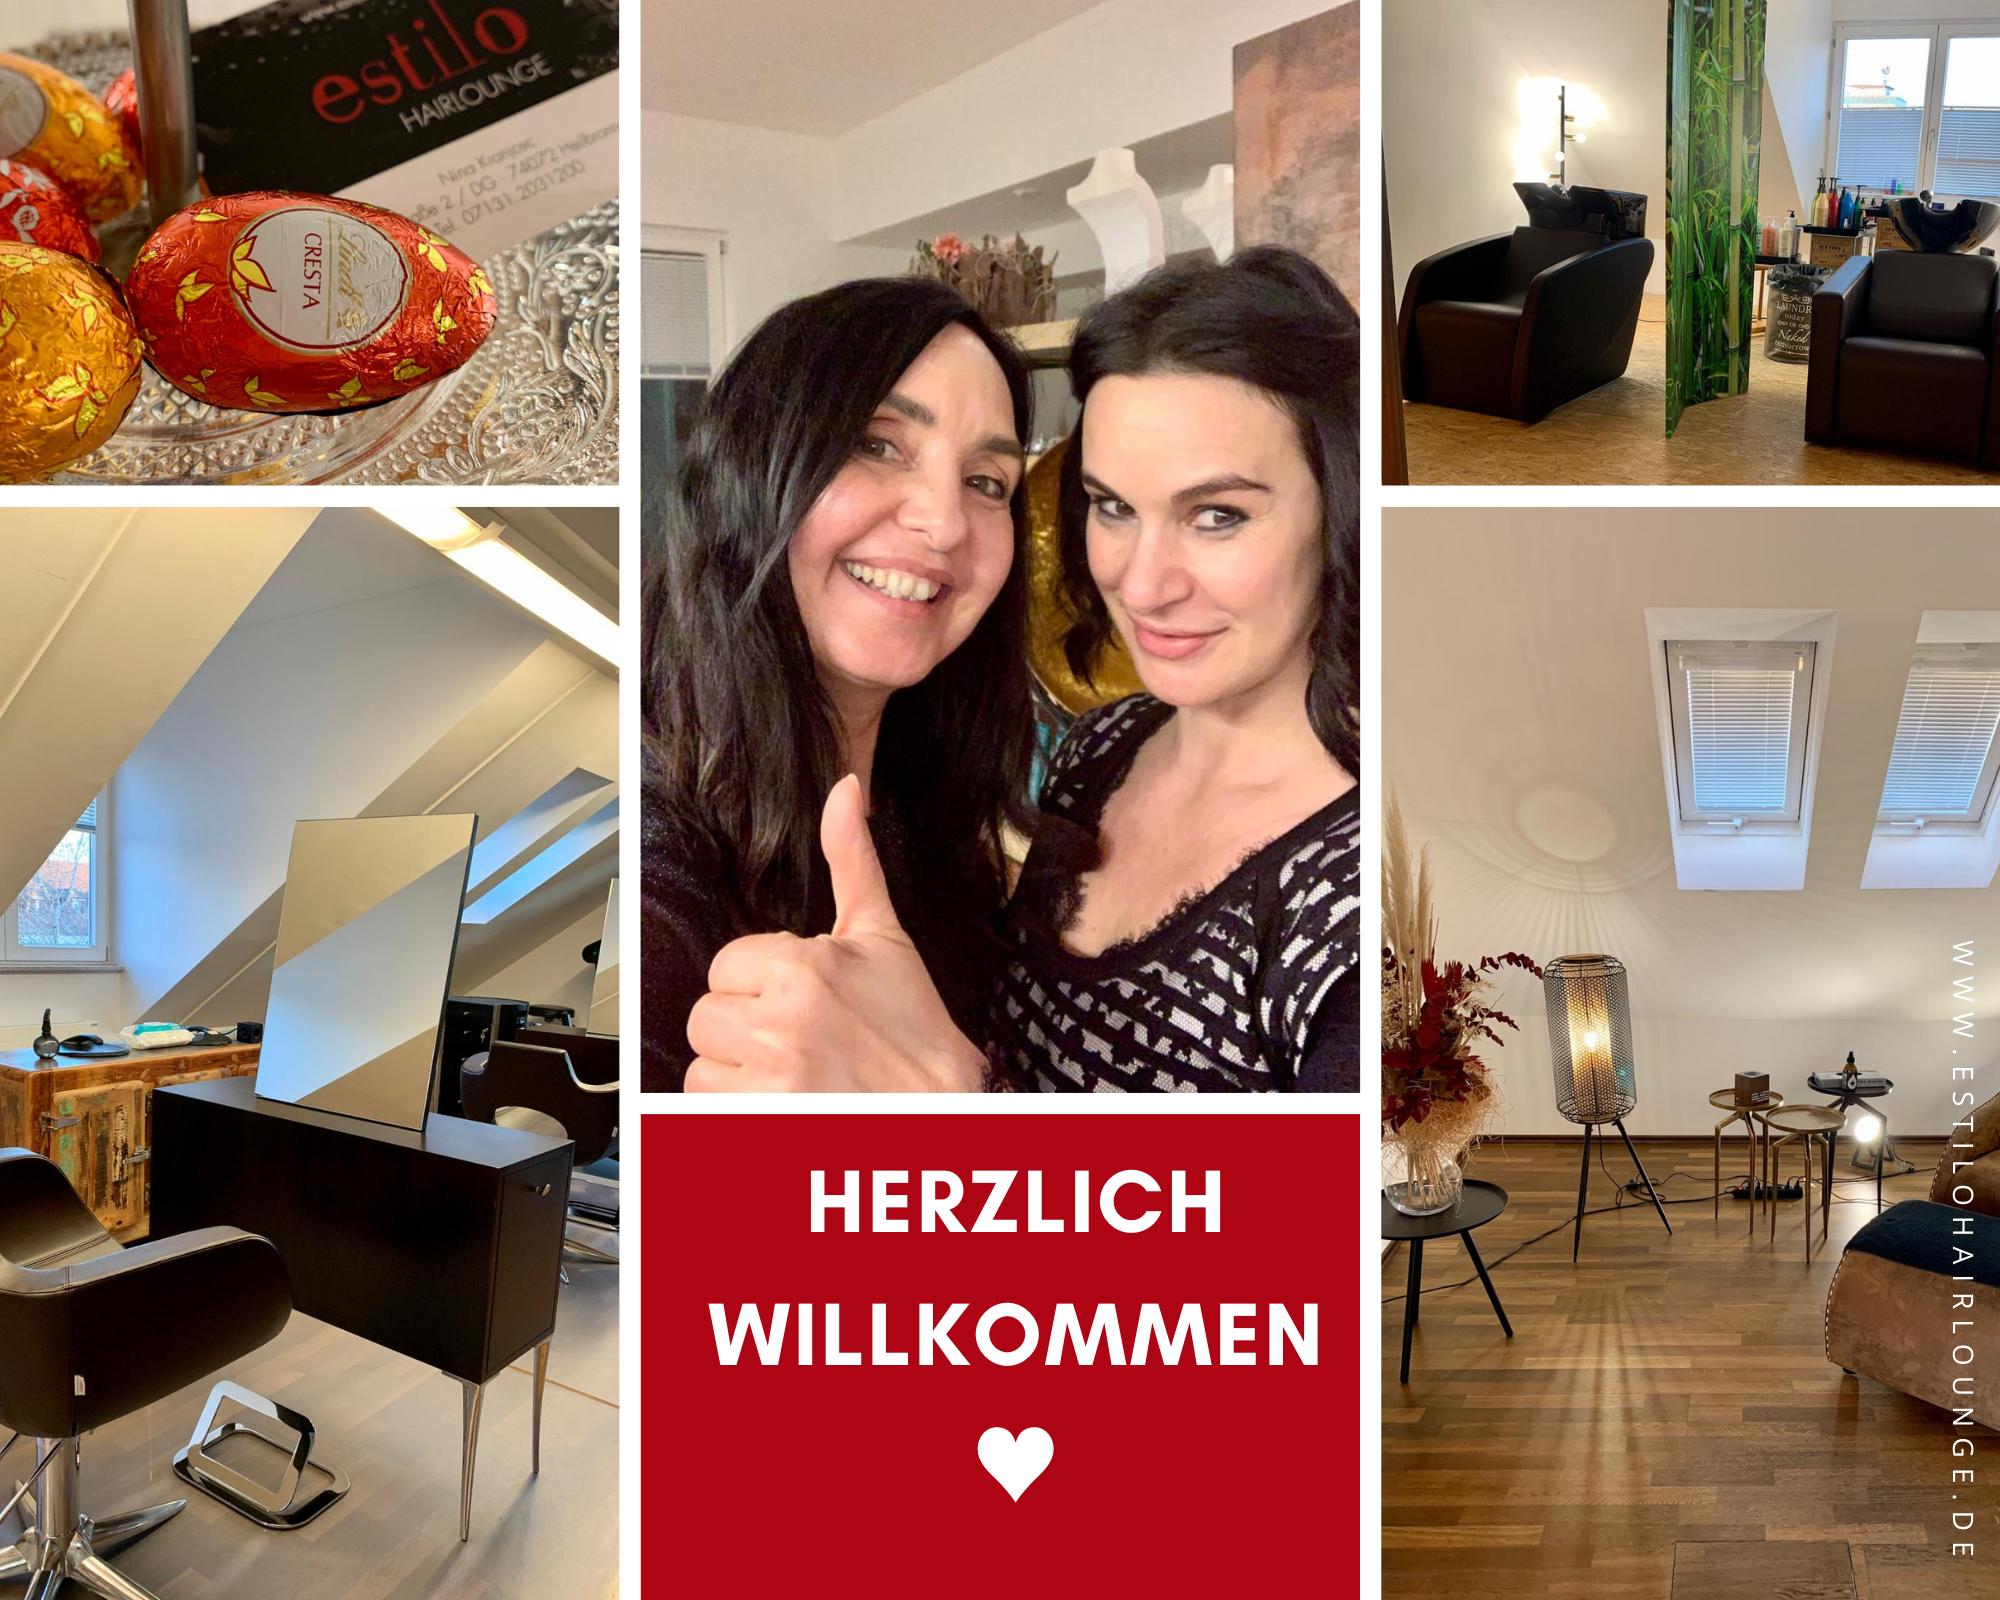 Neugestaltete Räume_Estilo Hairlounge_Nina Kranjcec_Heilbronn 02032021